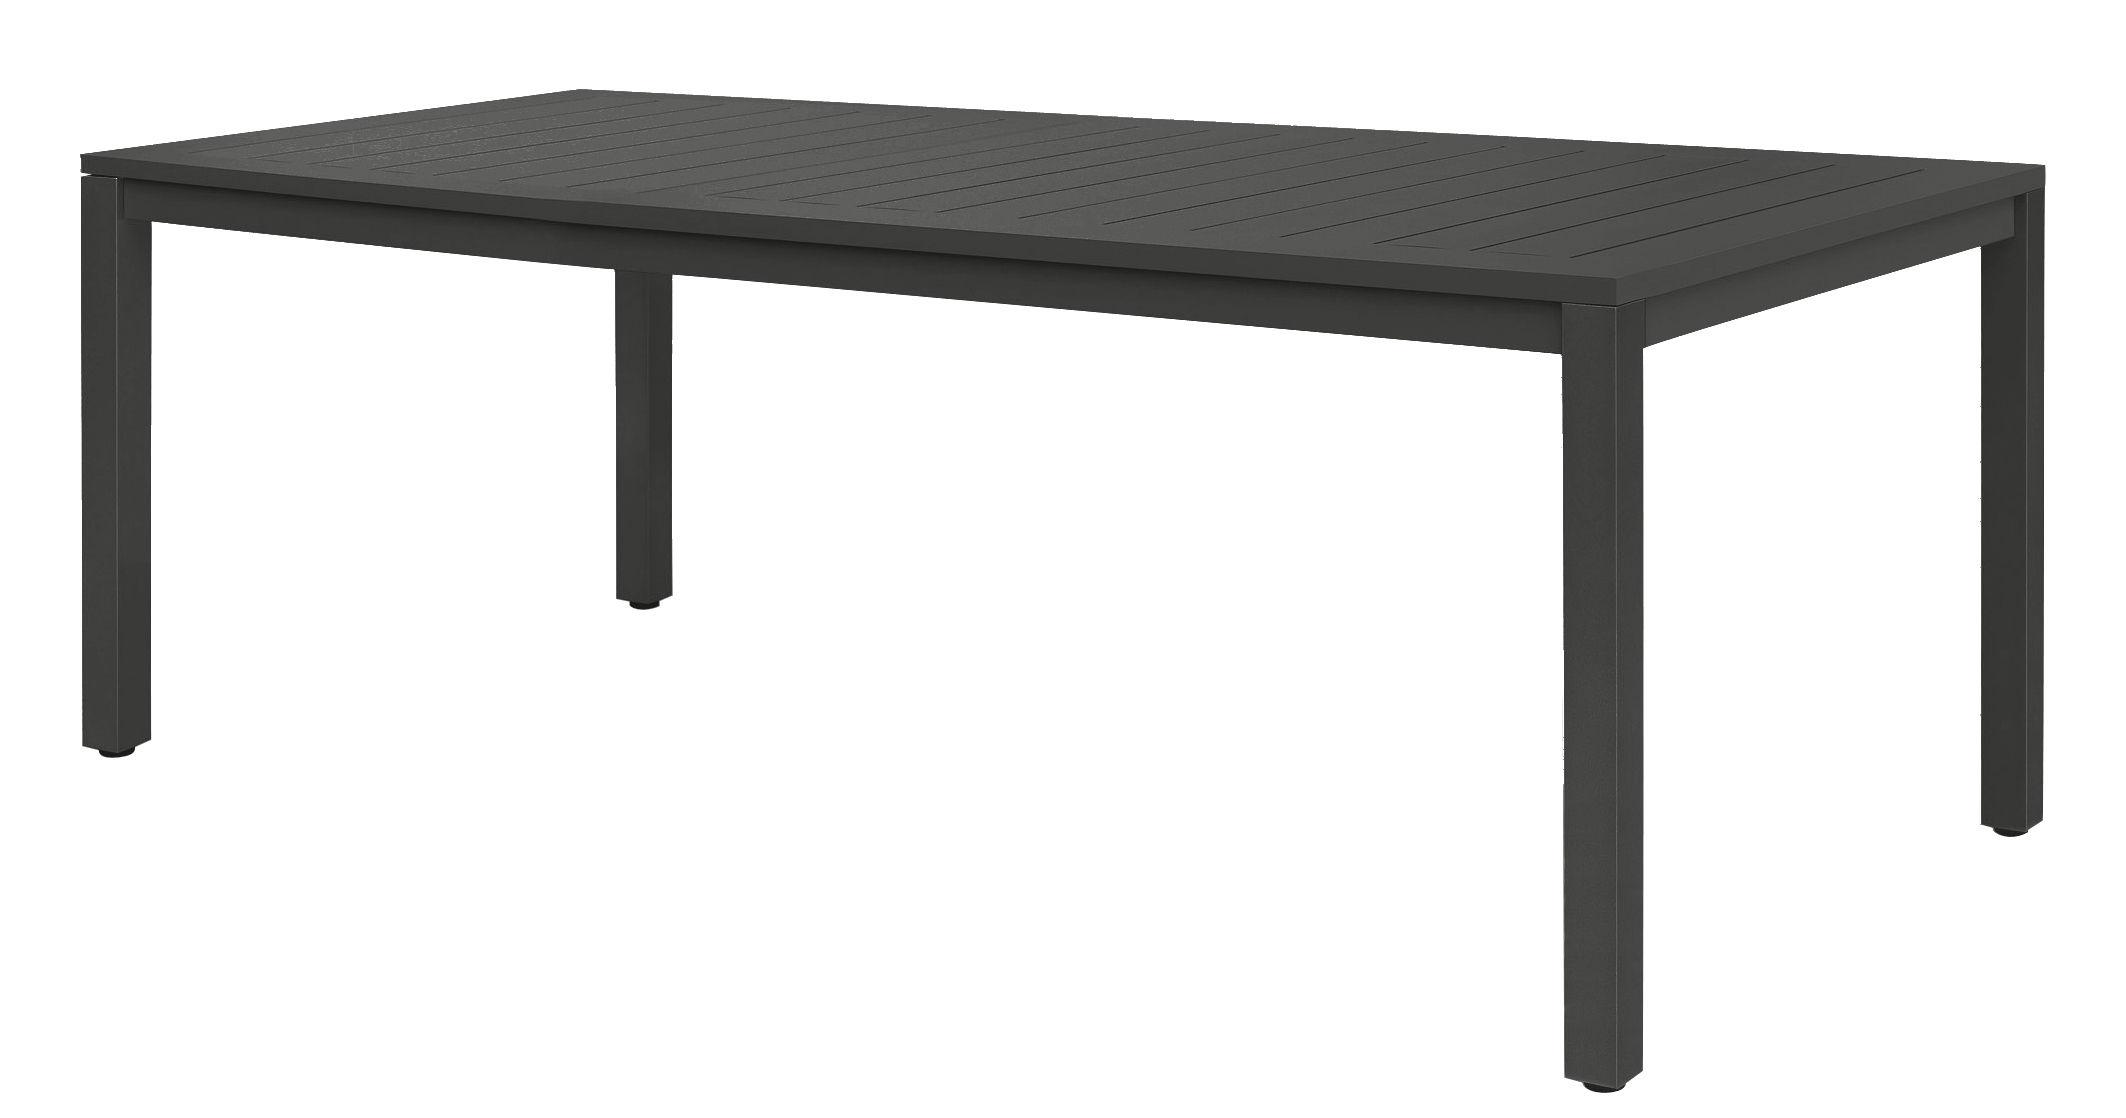 Outdoor - Tische - Neptune Tisch / Tischplatte aus Aluminium-Latten - 210 x 100 cm - Vlaemynck - Anthrazit - lackiertes Aluminium